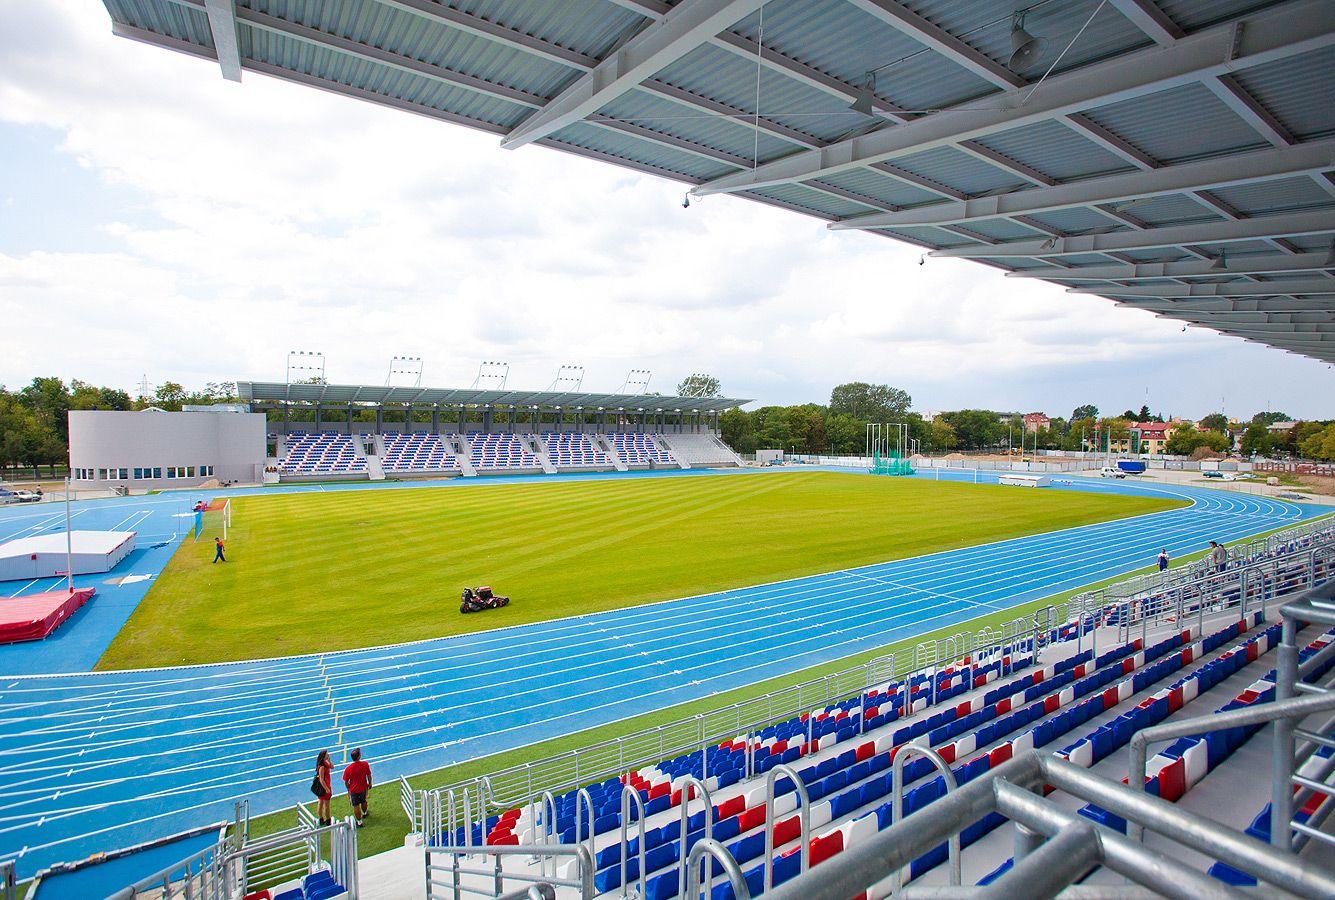 Stadion Radomiaka przy ul. Struga, Radom